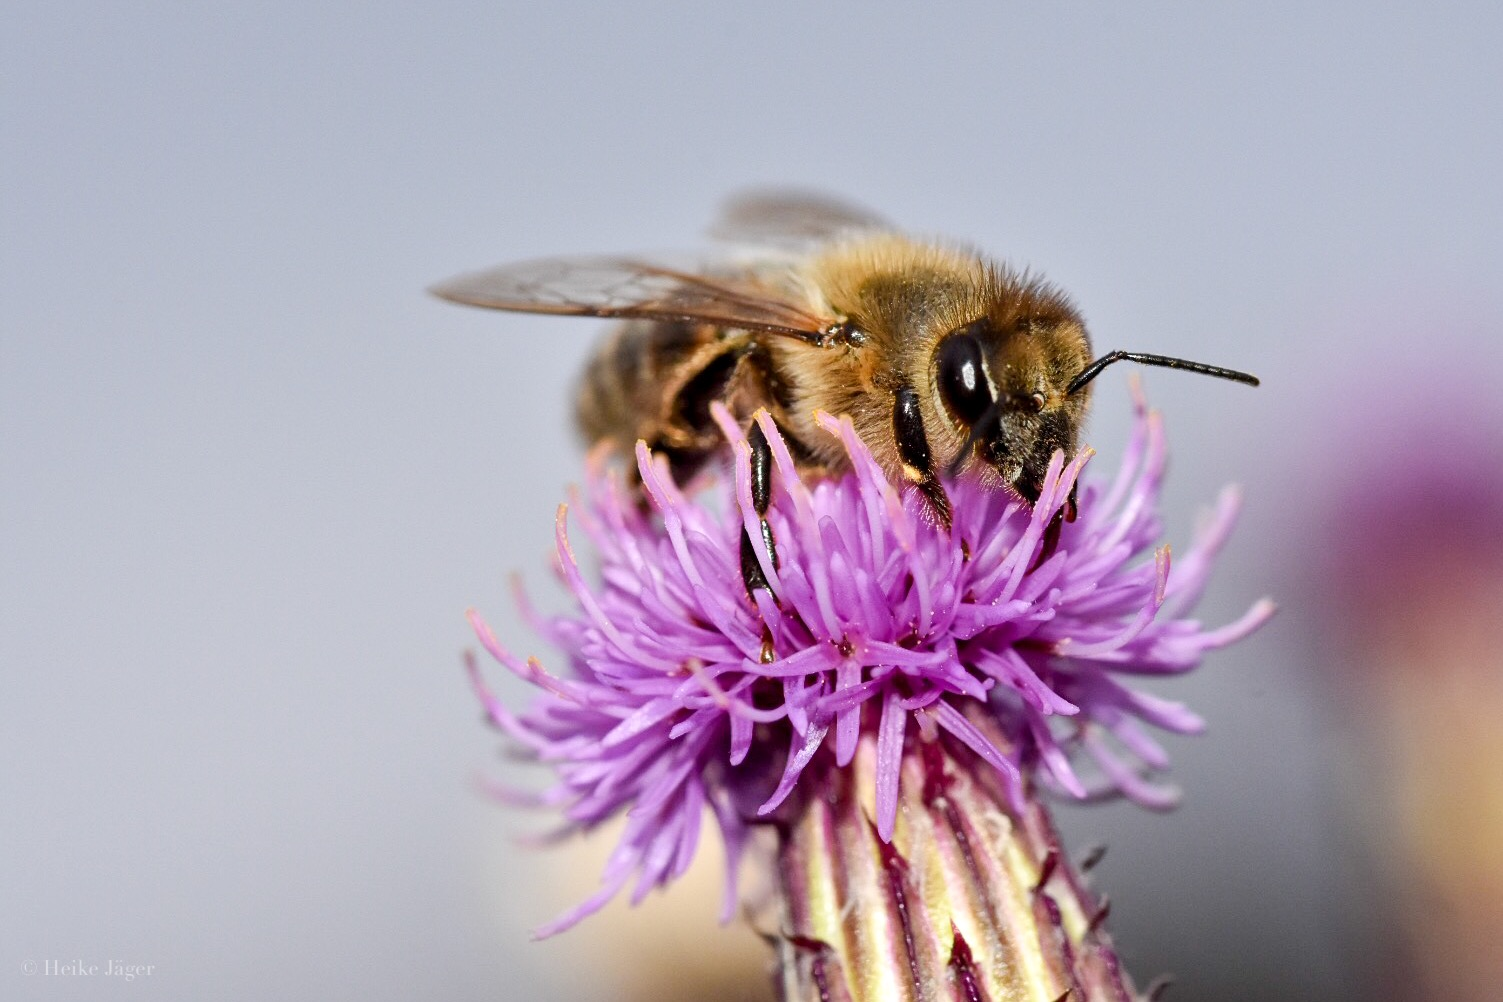 Bienen träumen mit offenen Augen